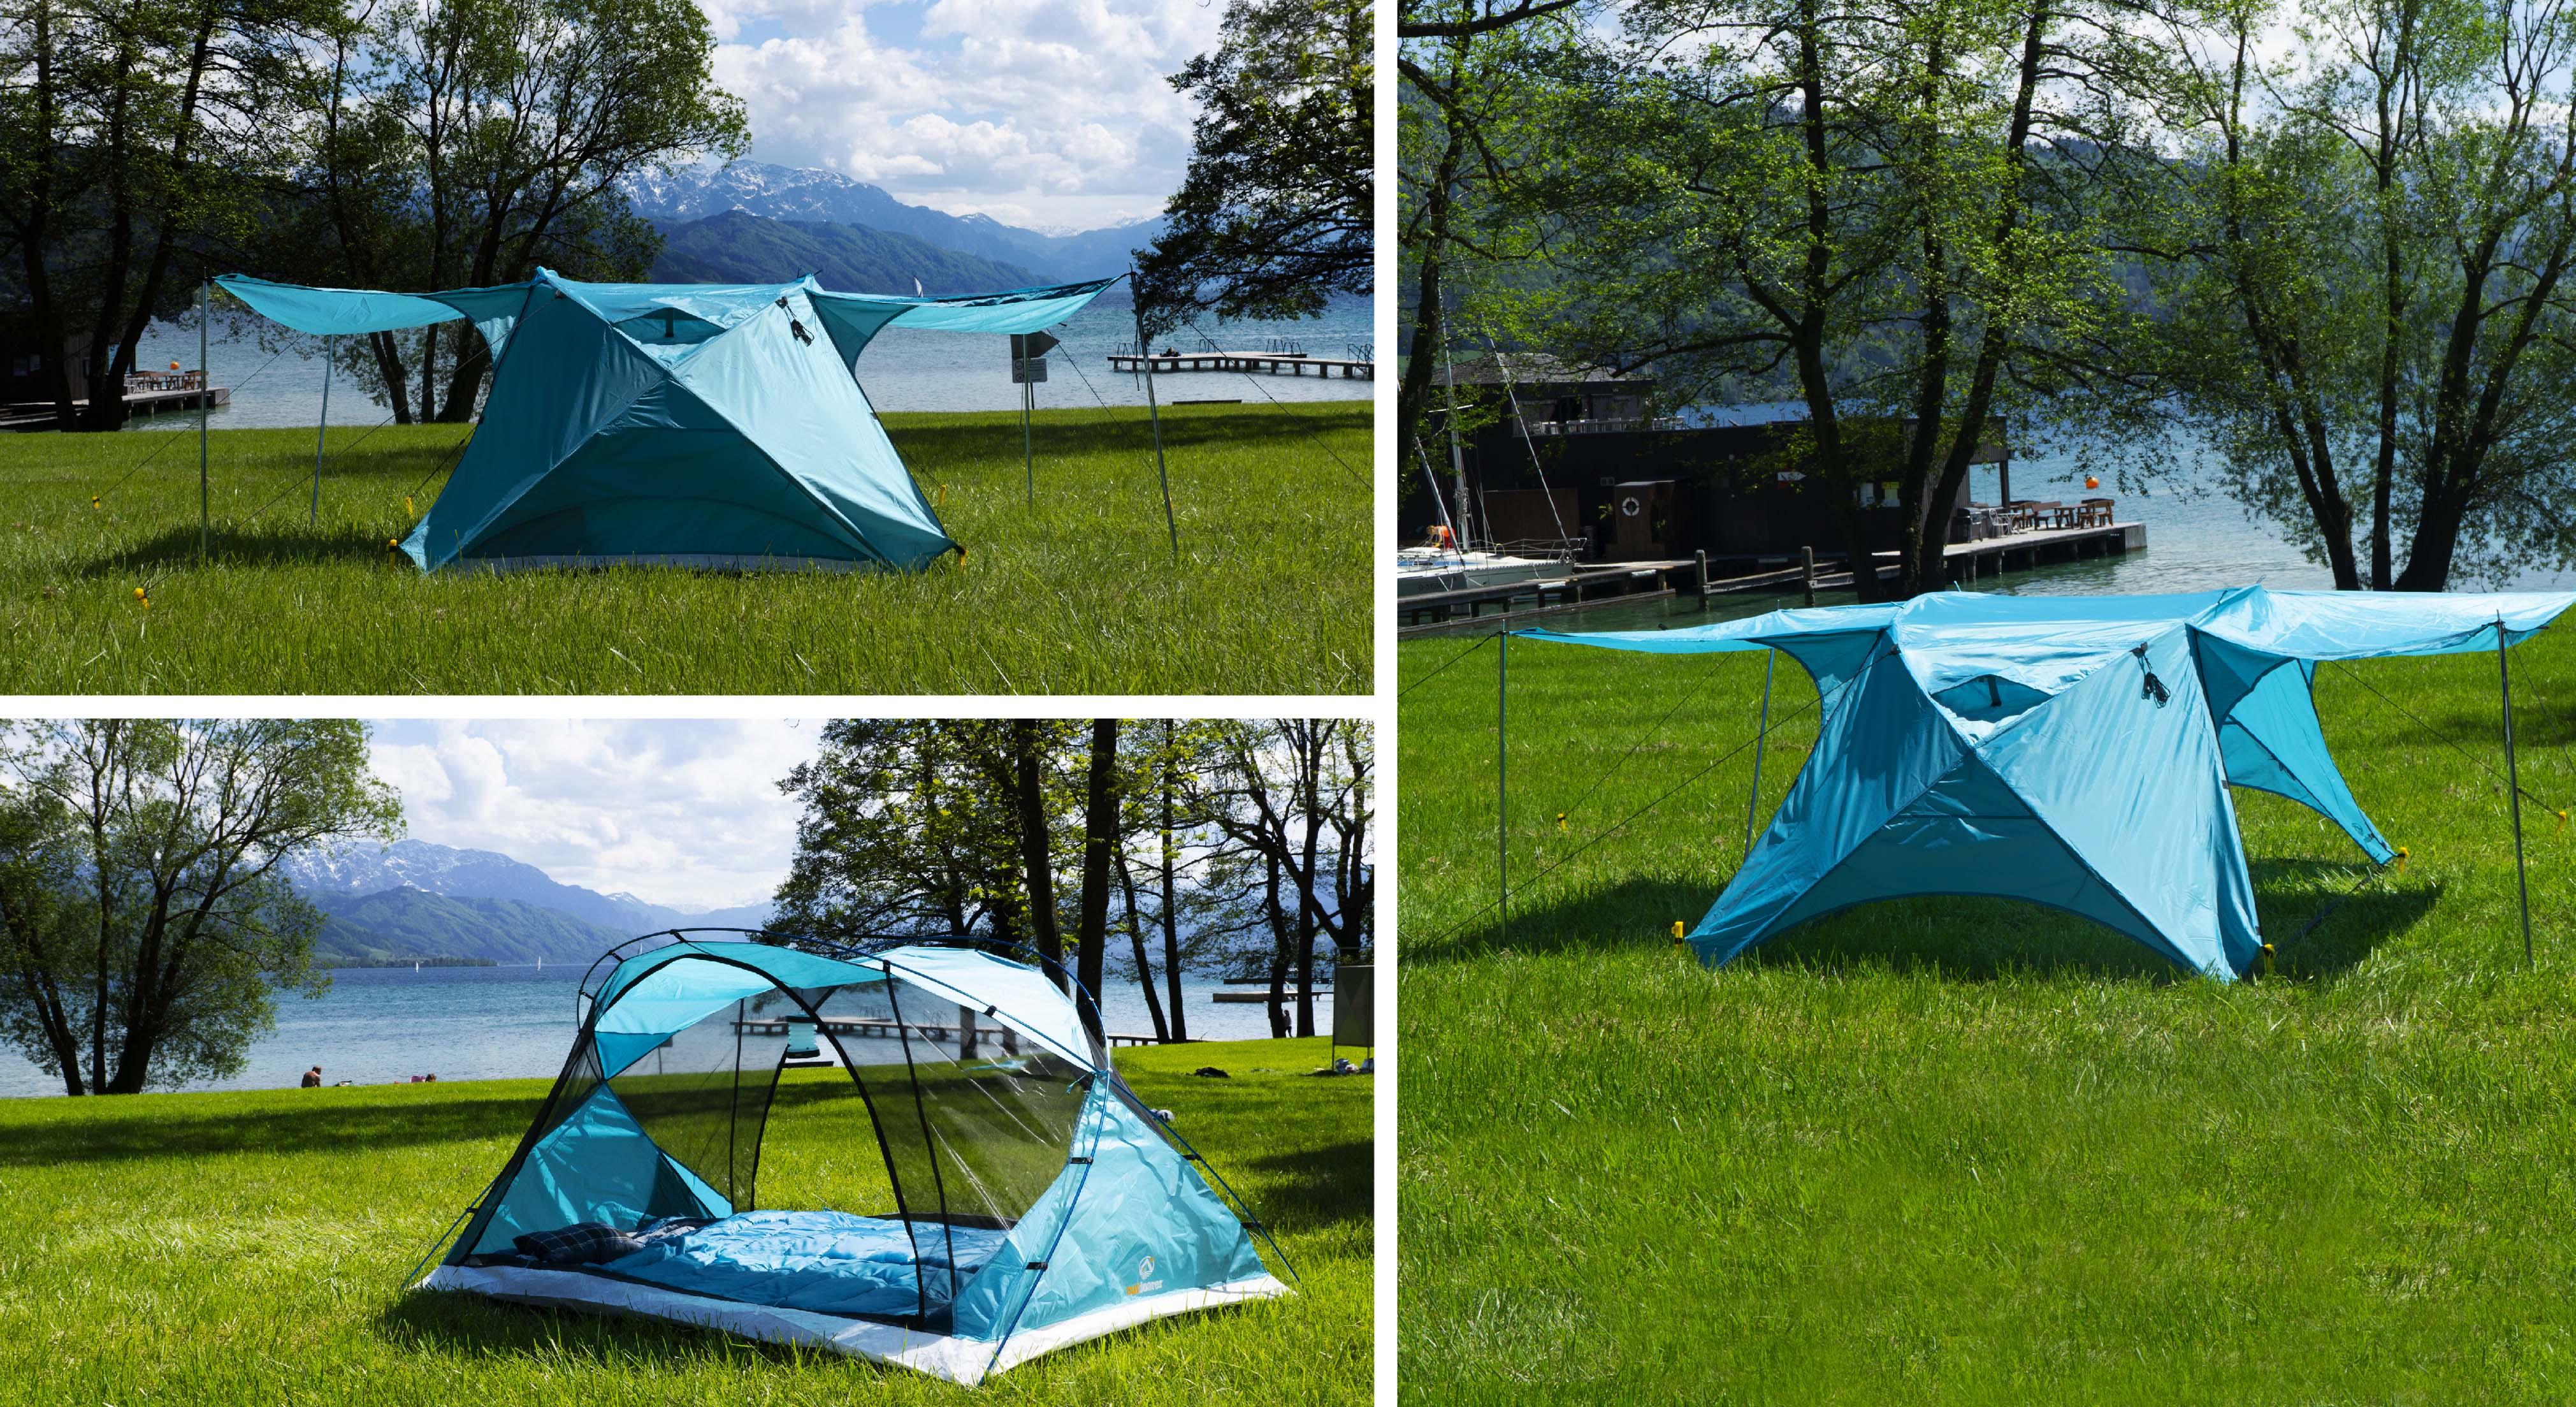 Zelten am See mit 3 in 1 Zelt Svalin